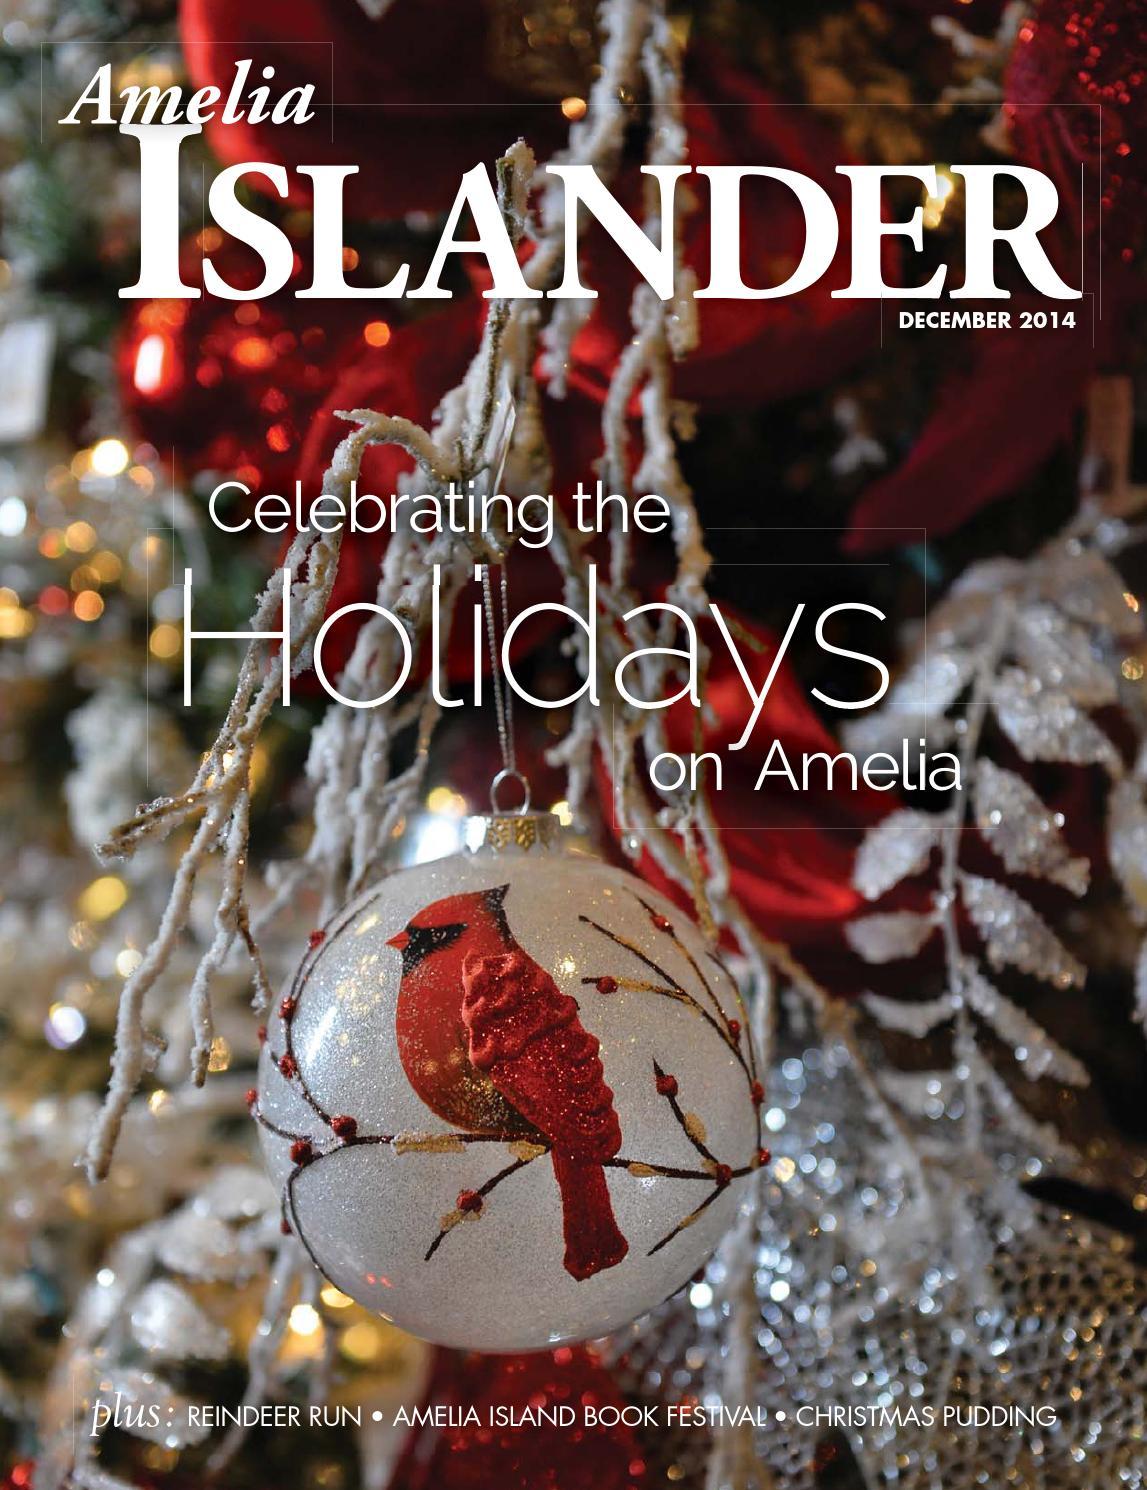 Amelia island christmas tree lighting at amelia island plantation - Amelia Island Christmas Tree Lighting At Amelia Island Plantation 58